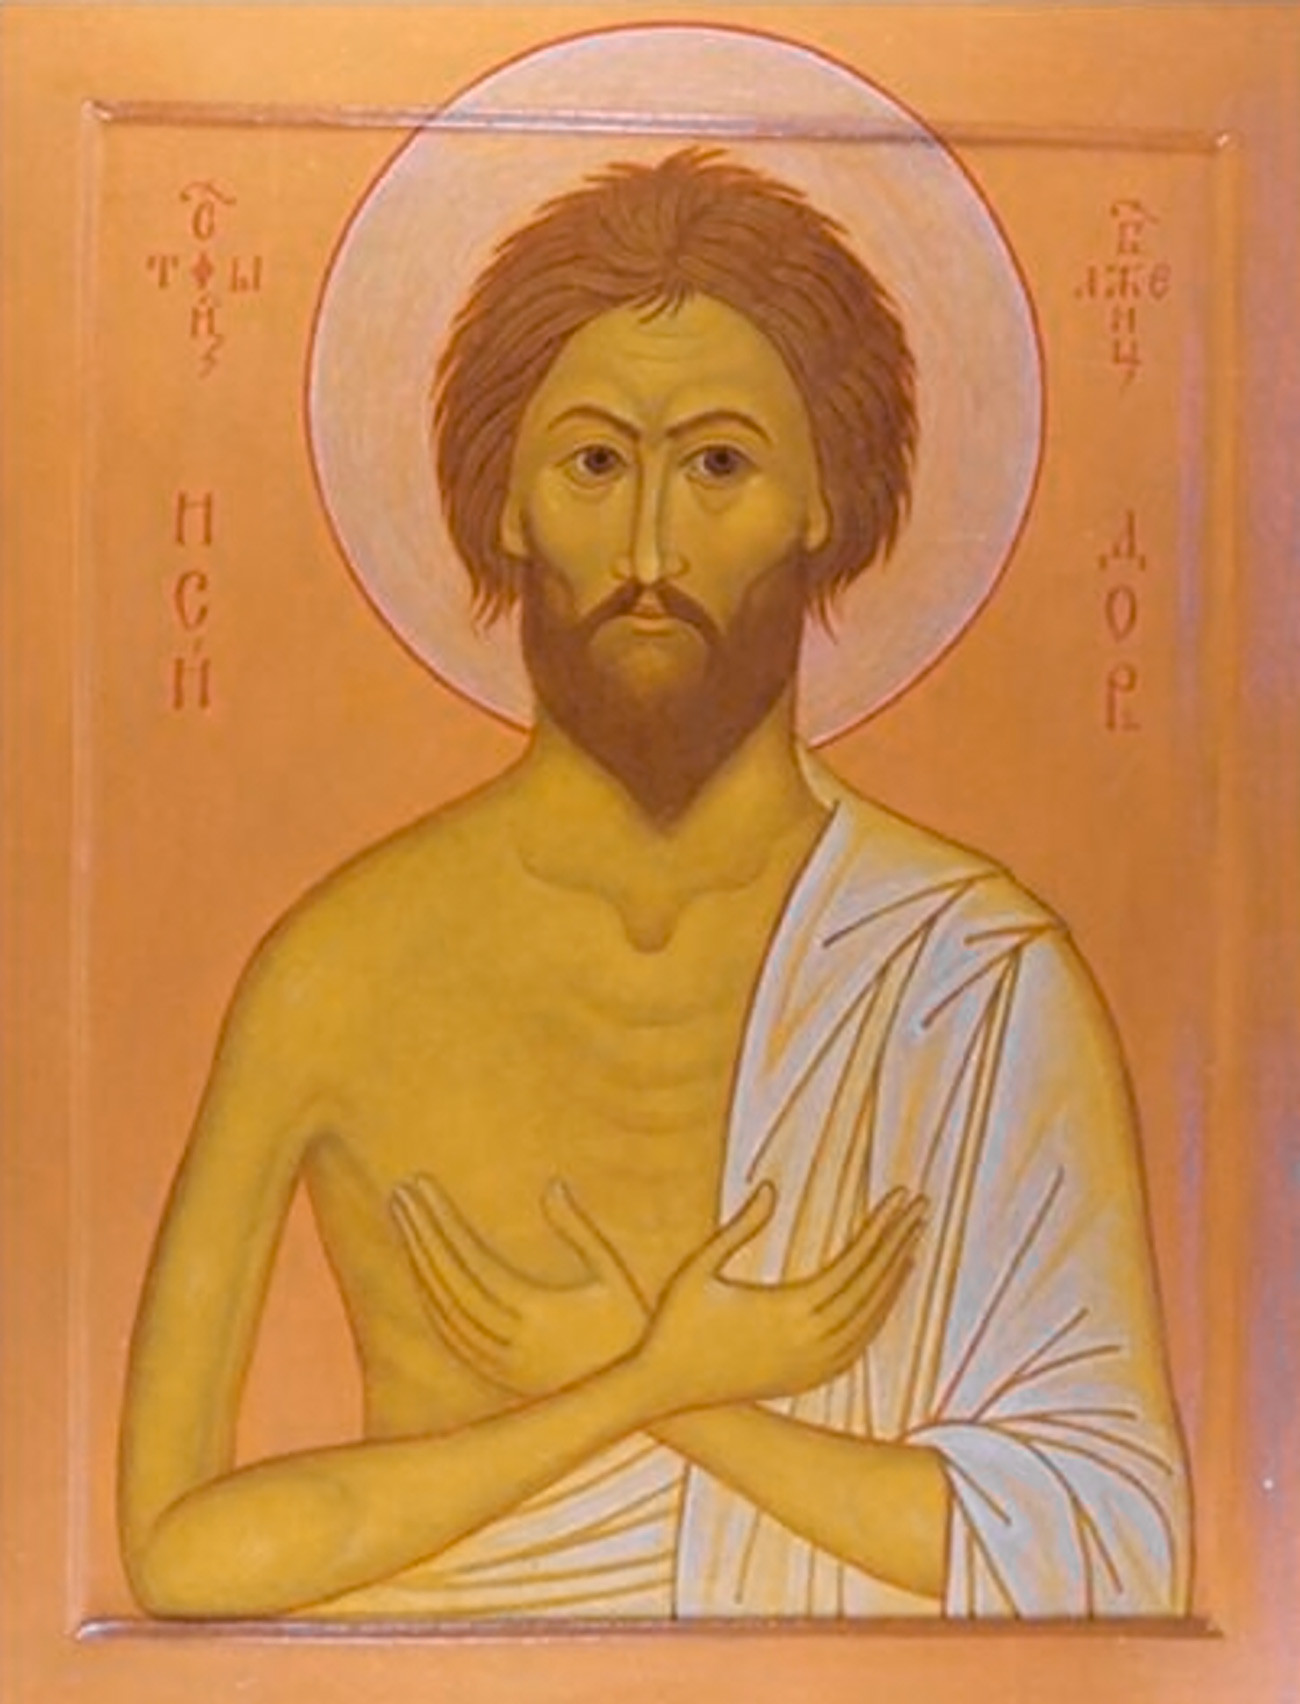 Le plus ancien fol-en-Christ russe connu, Isidore